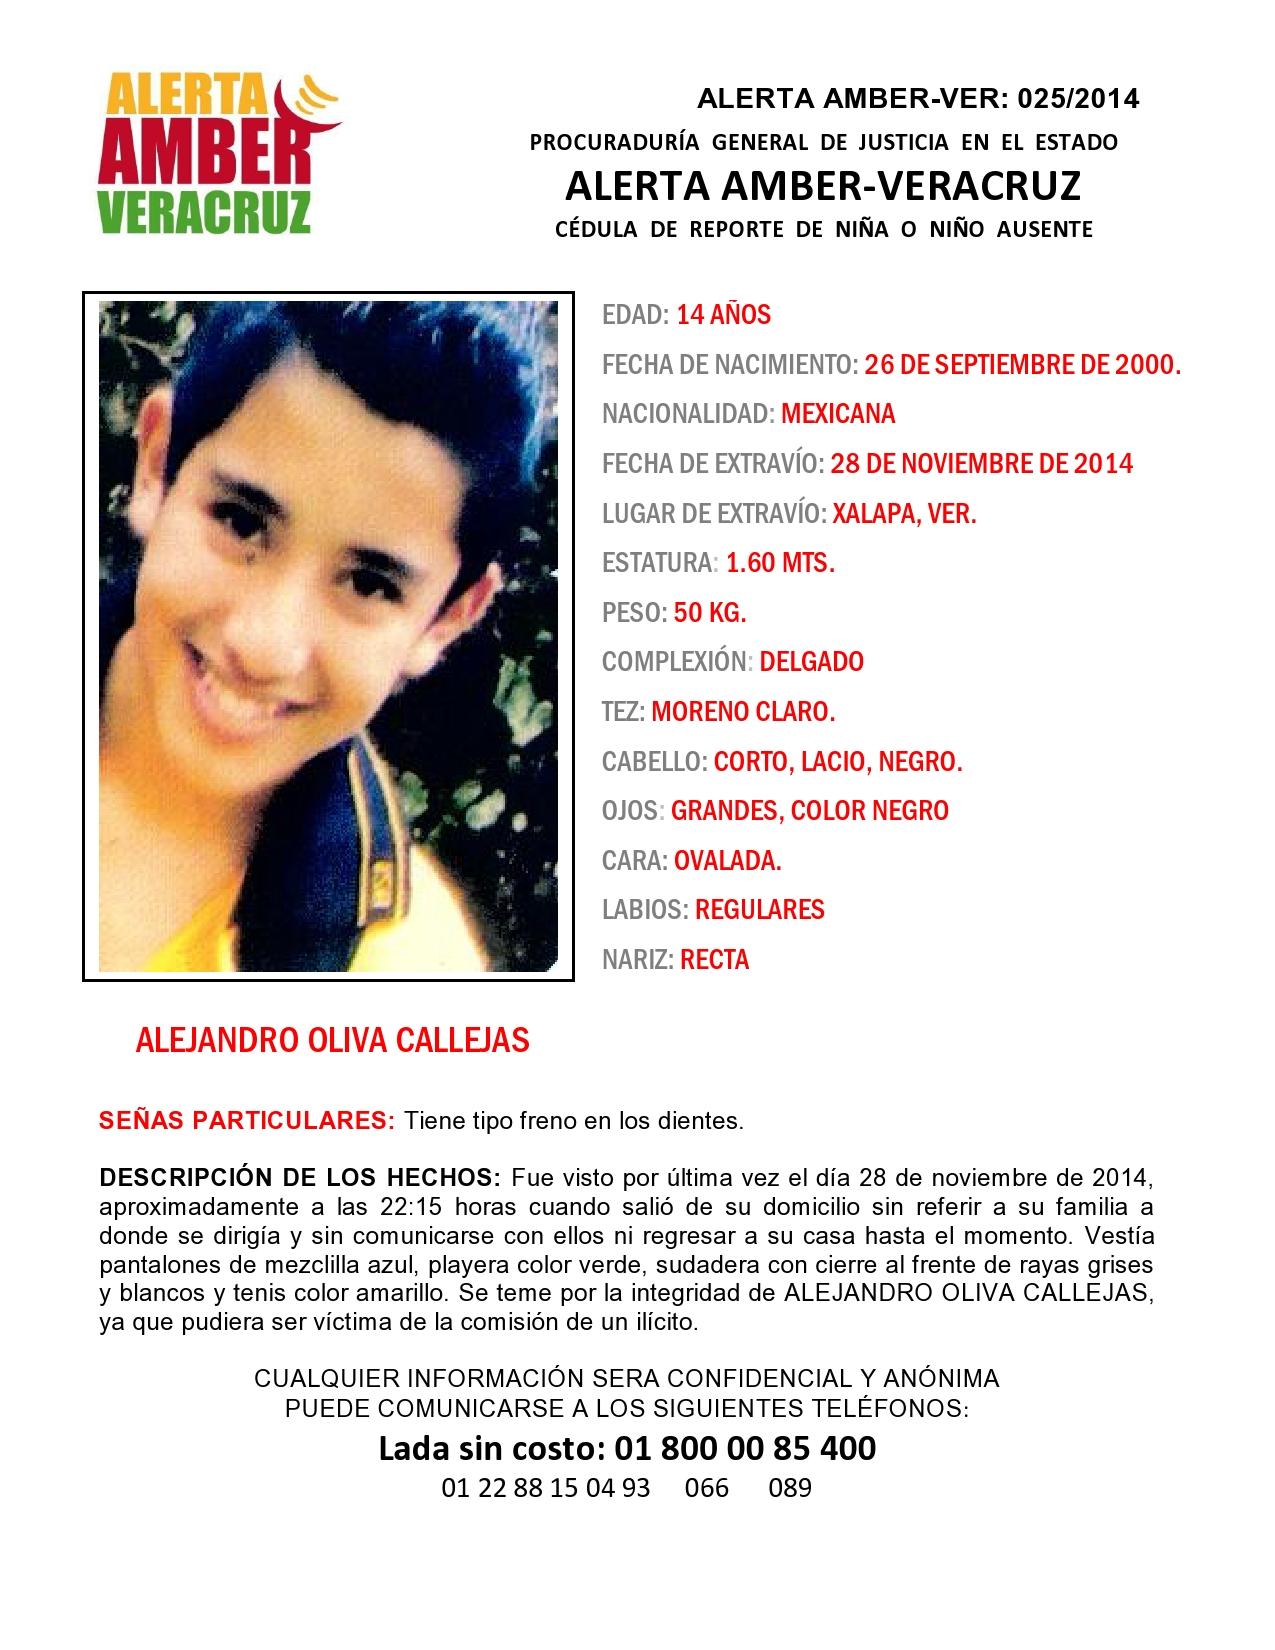 Se activa Alerta Amber por desaparición de menor de 14 años, en Xalapa